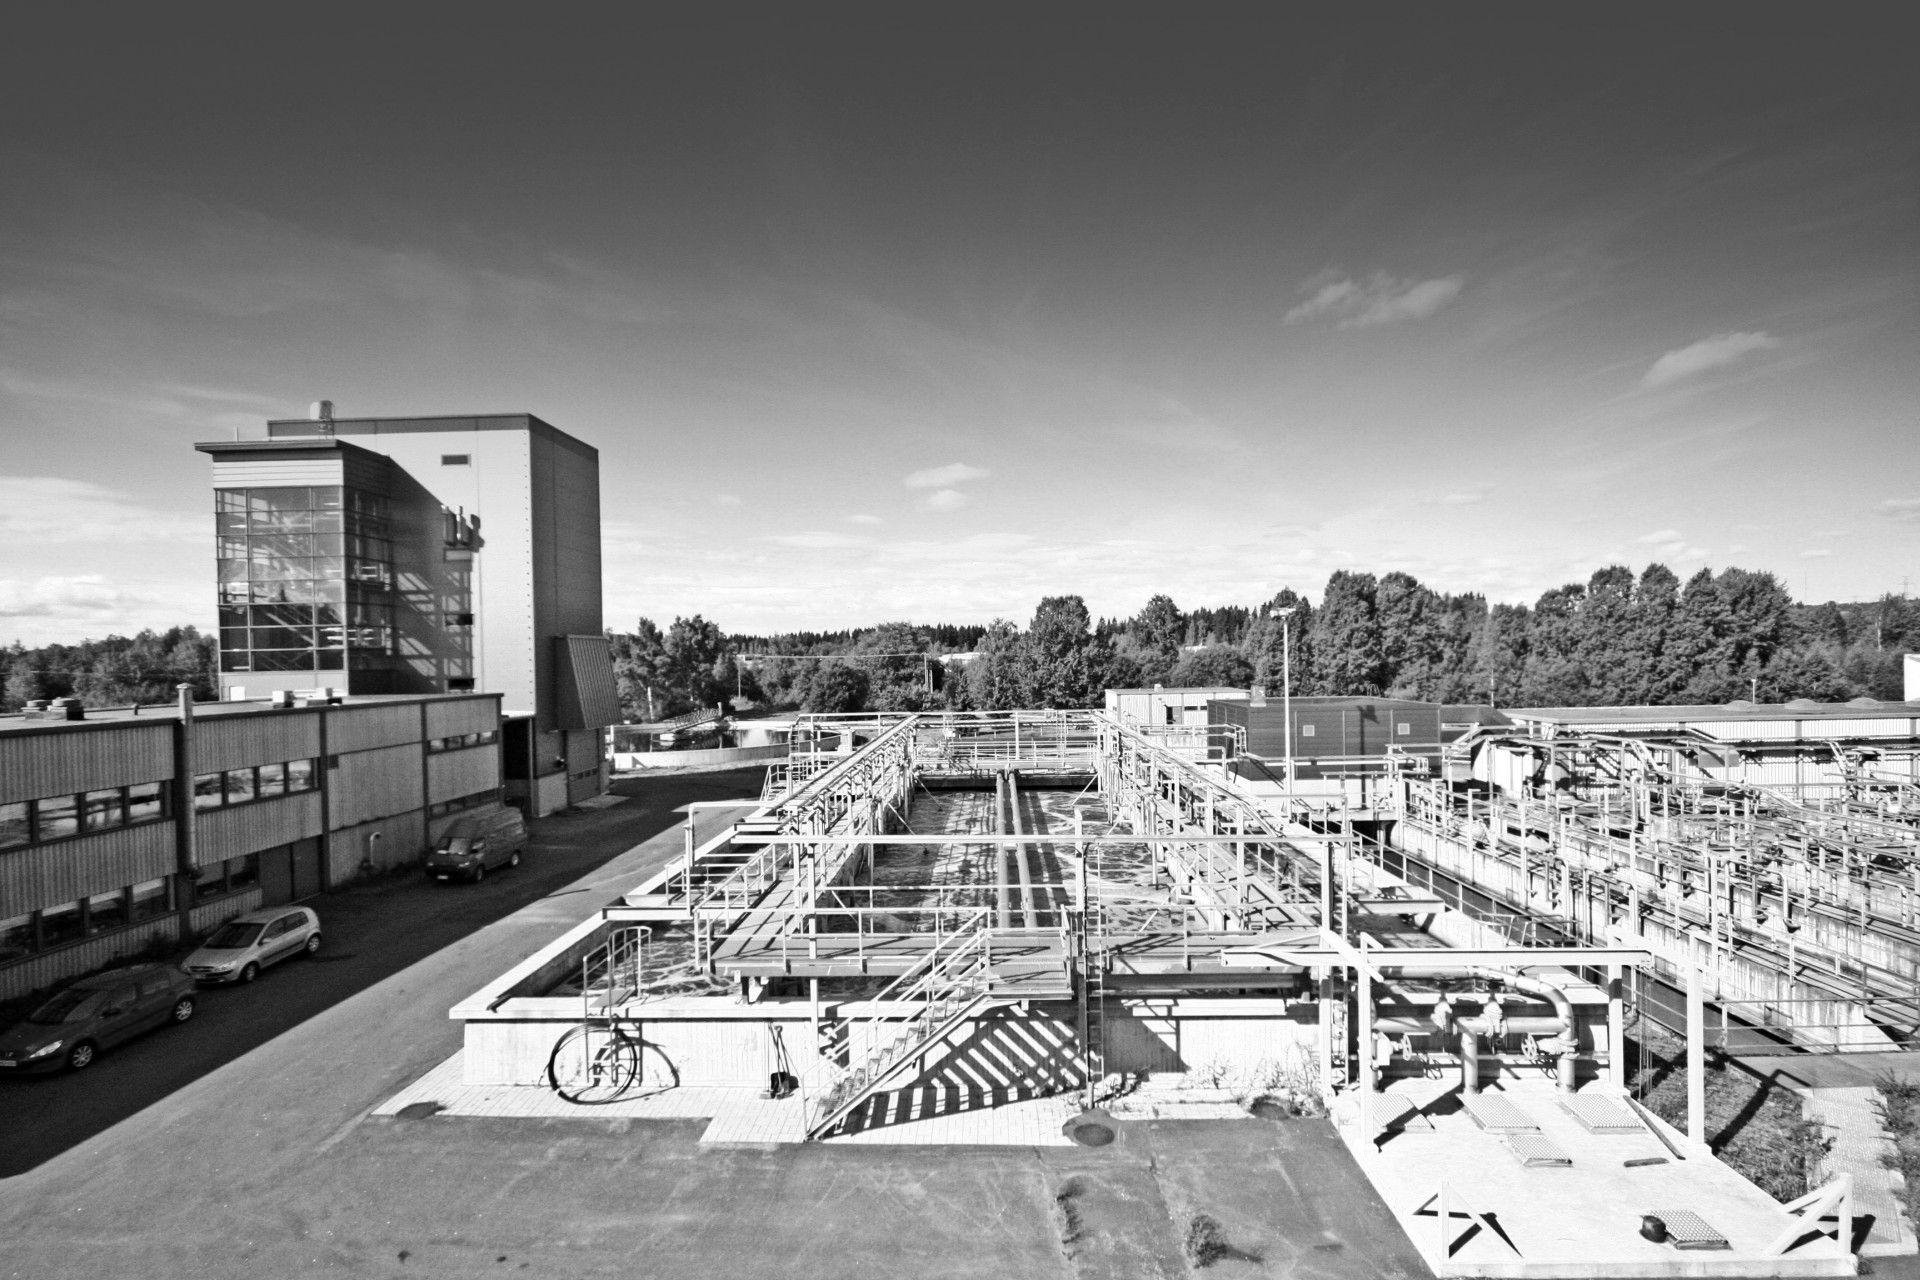 Kotimaiset vesihuoltolaitokset yhteistyöllä energiaviisaammiksi - Lahti Aqua